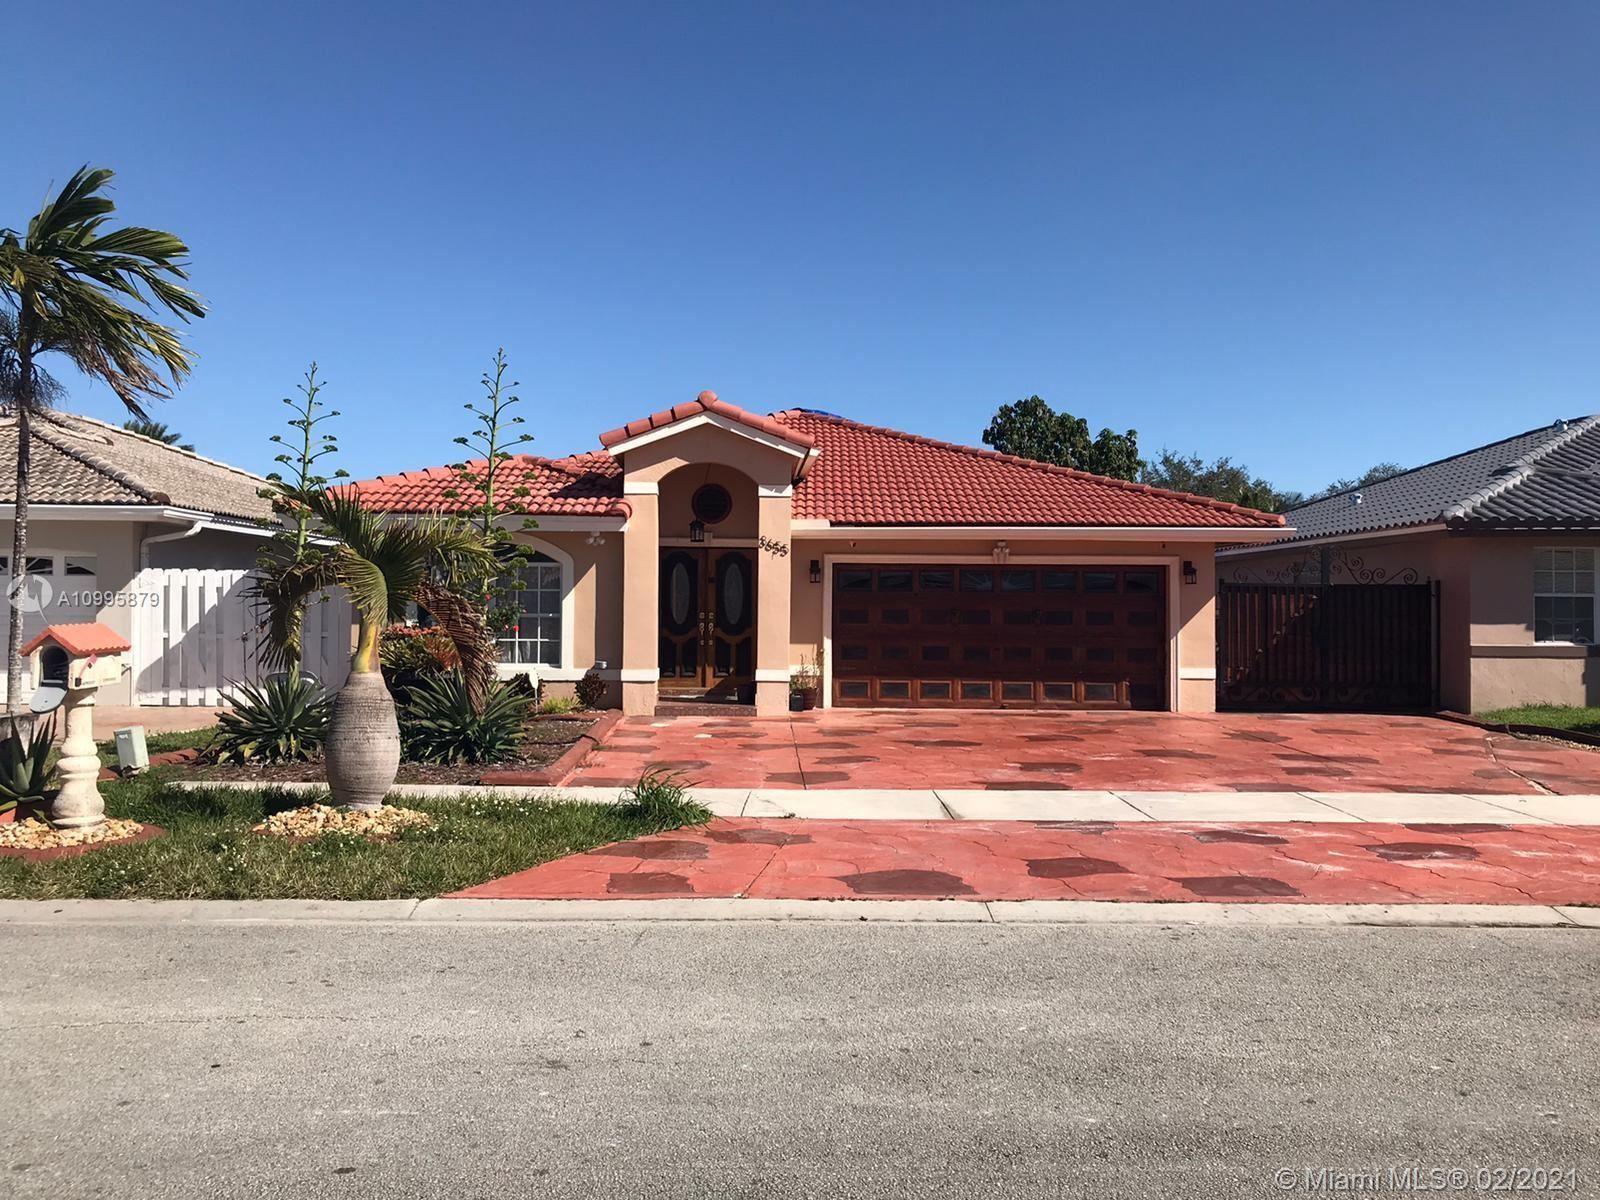 3655 SW 148th Ct, Miami, FL 33185 - MLS#: A10995879